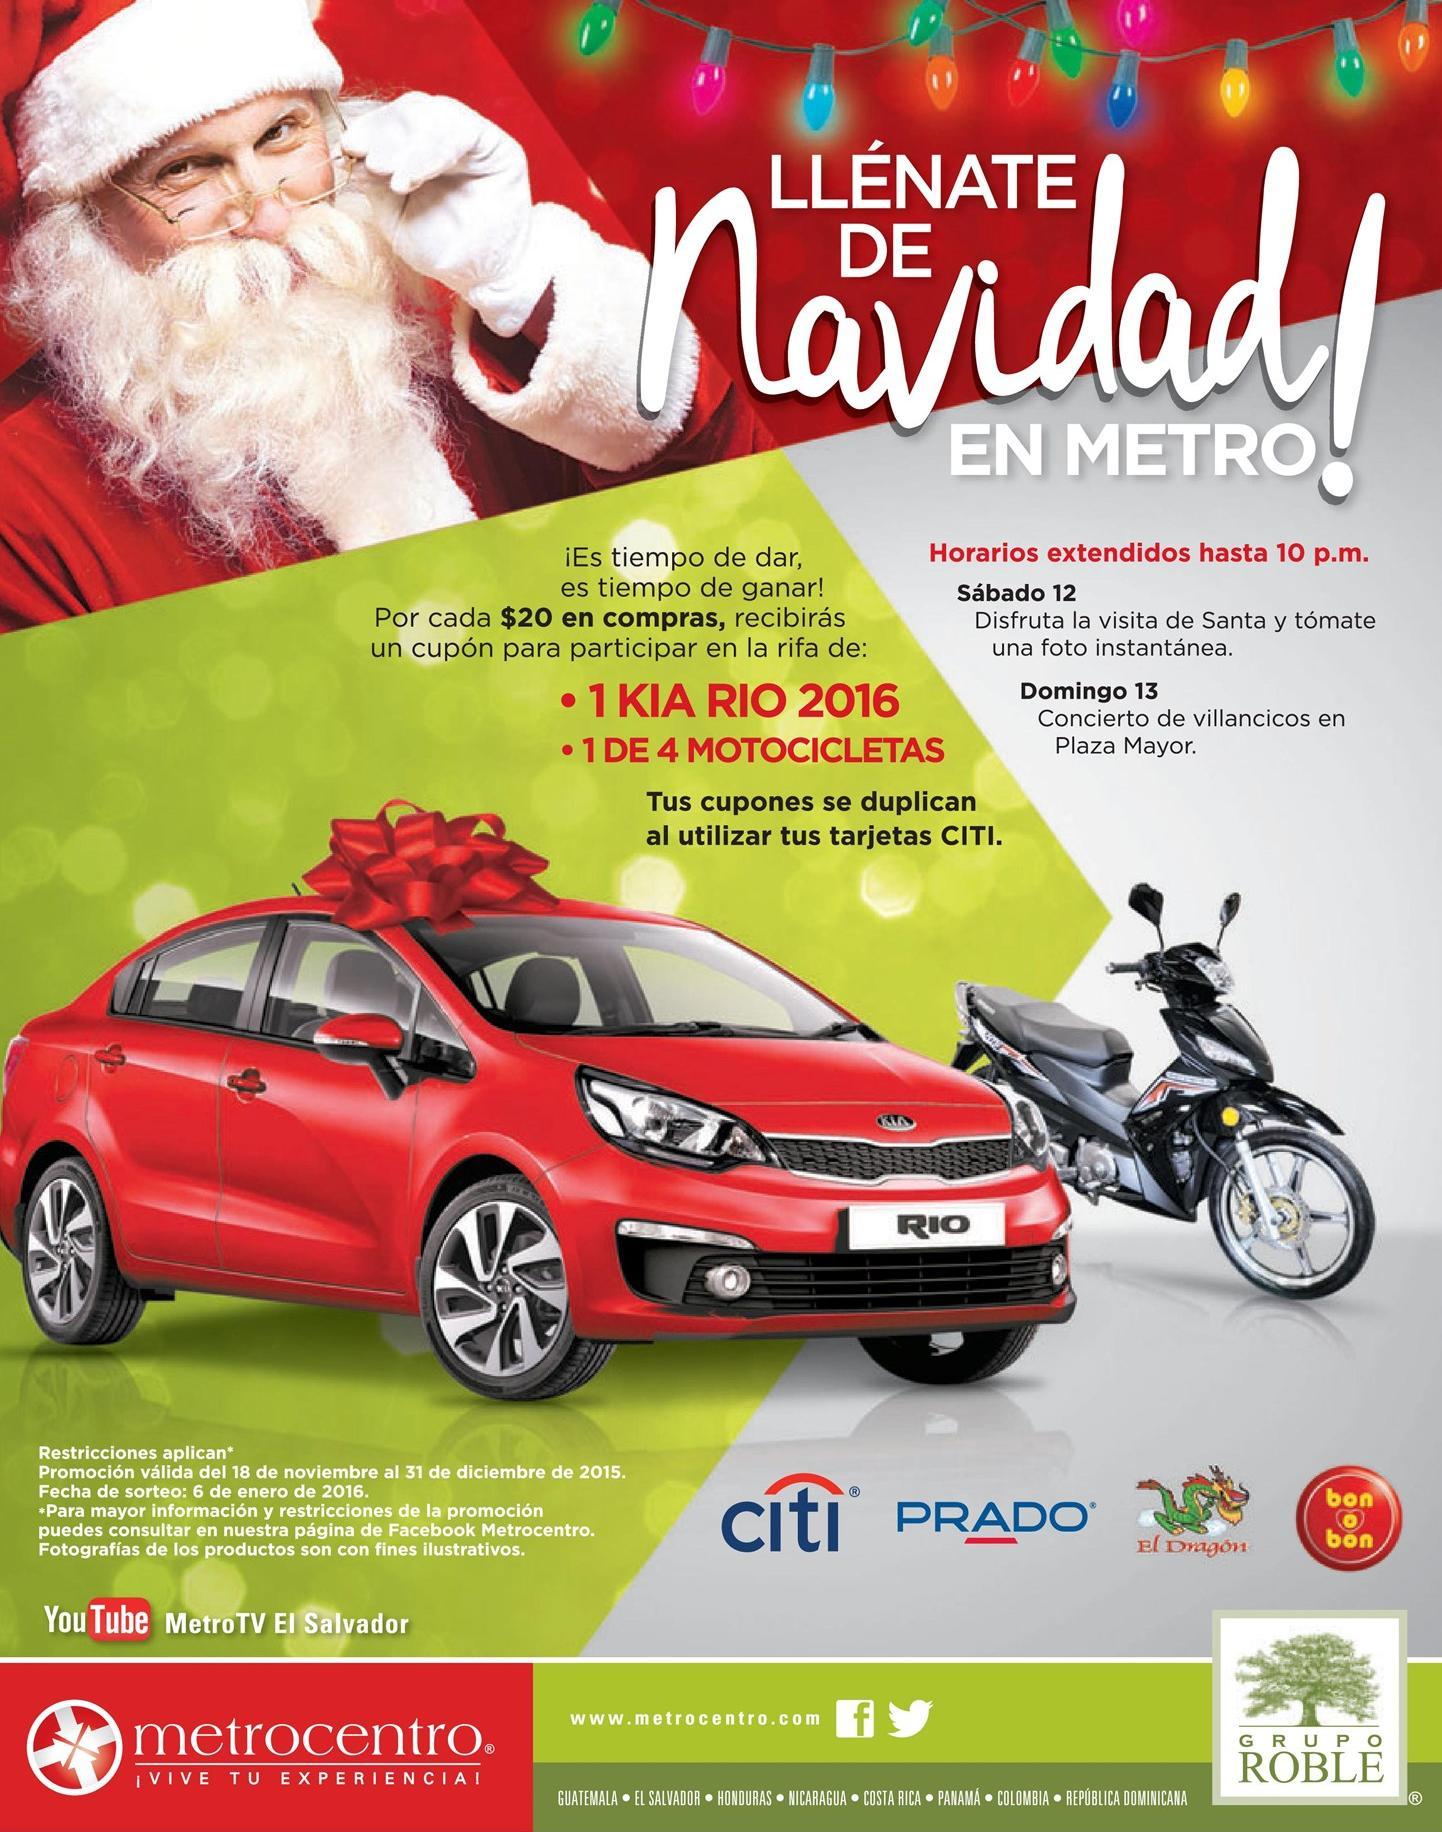 Promociones de navidad 2015 en METROCENTRO el salvador